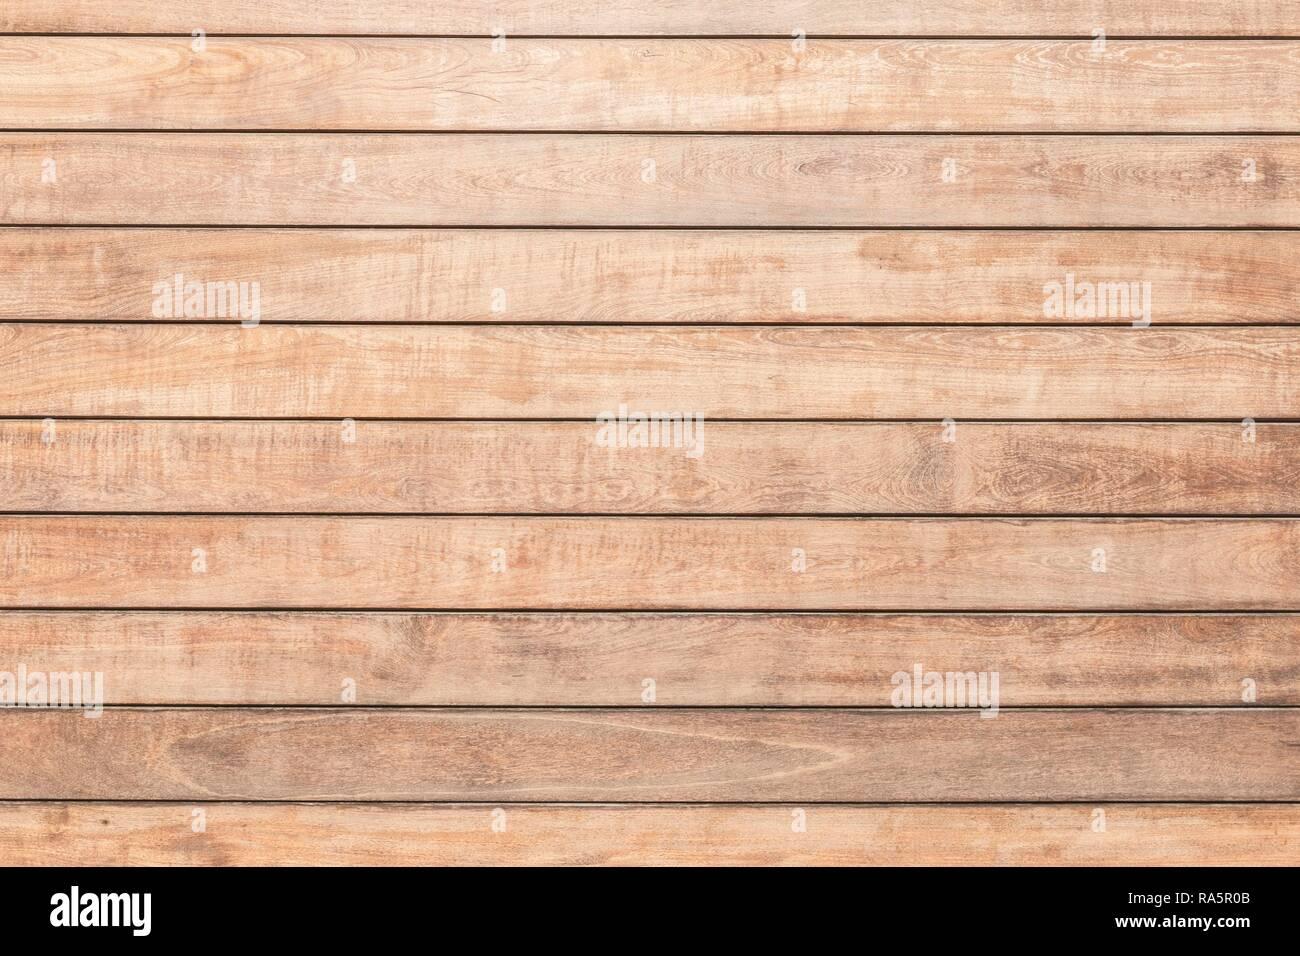 Beigefarbene holzwand von horizontal verlegt einzelne Bretter, Haria, Lanzarote, Kanarische Inseln, Spanien Stockbild